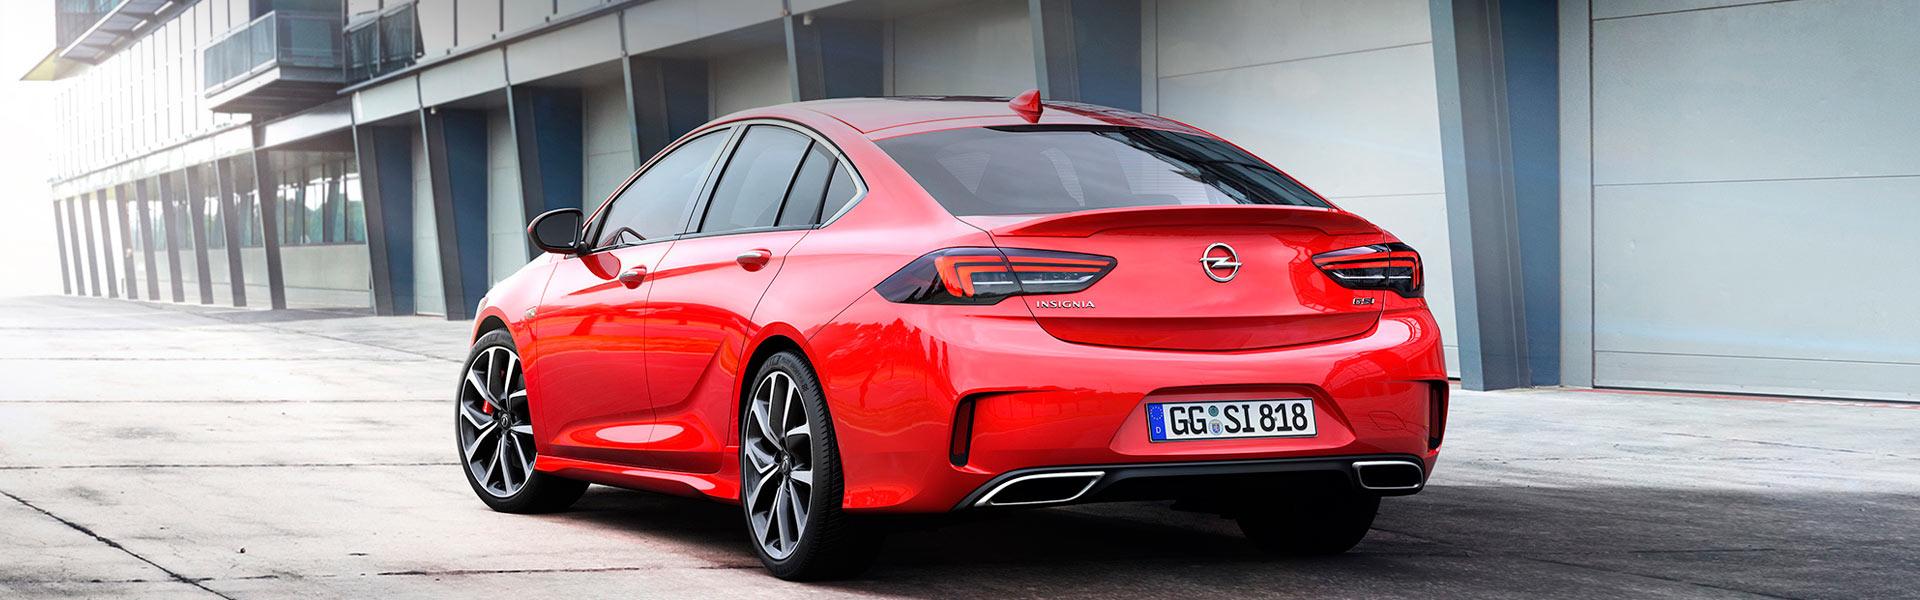 Ступица на Opel